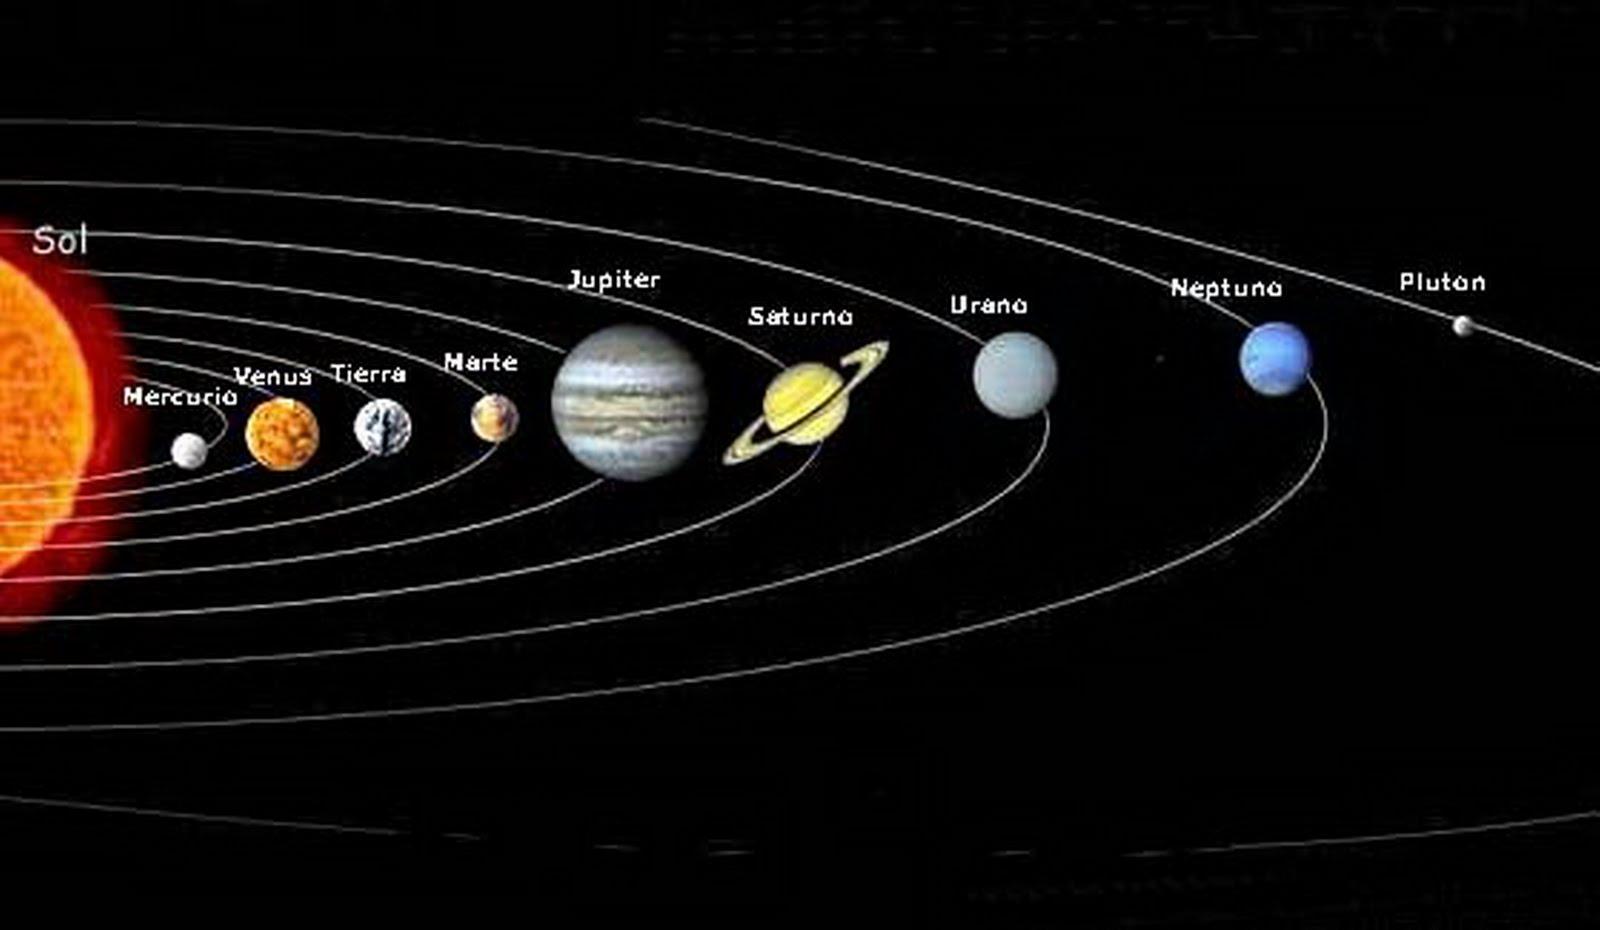 Planetas solares